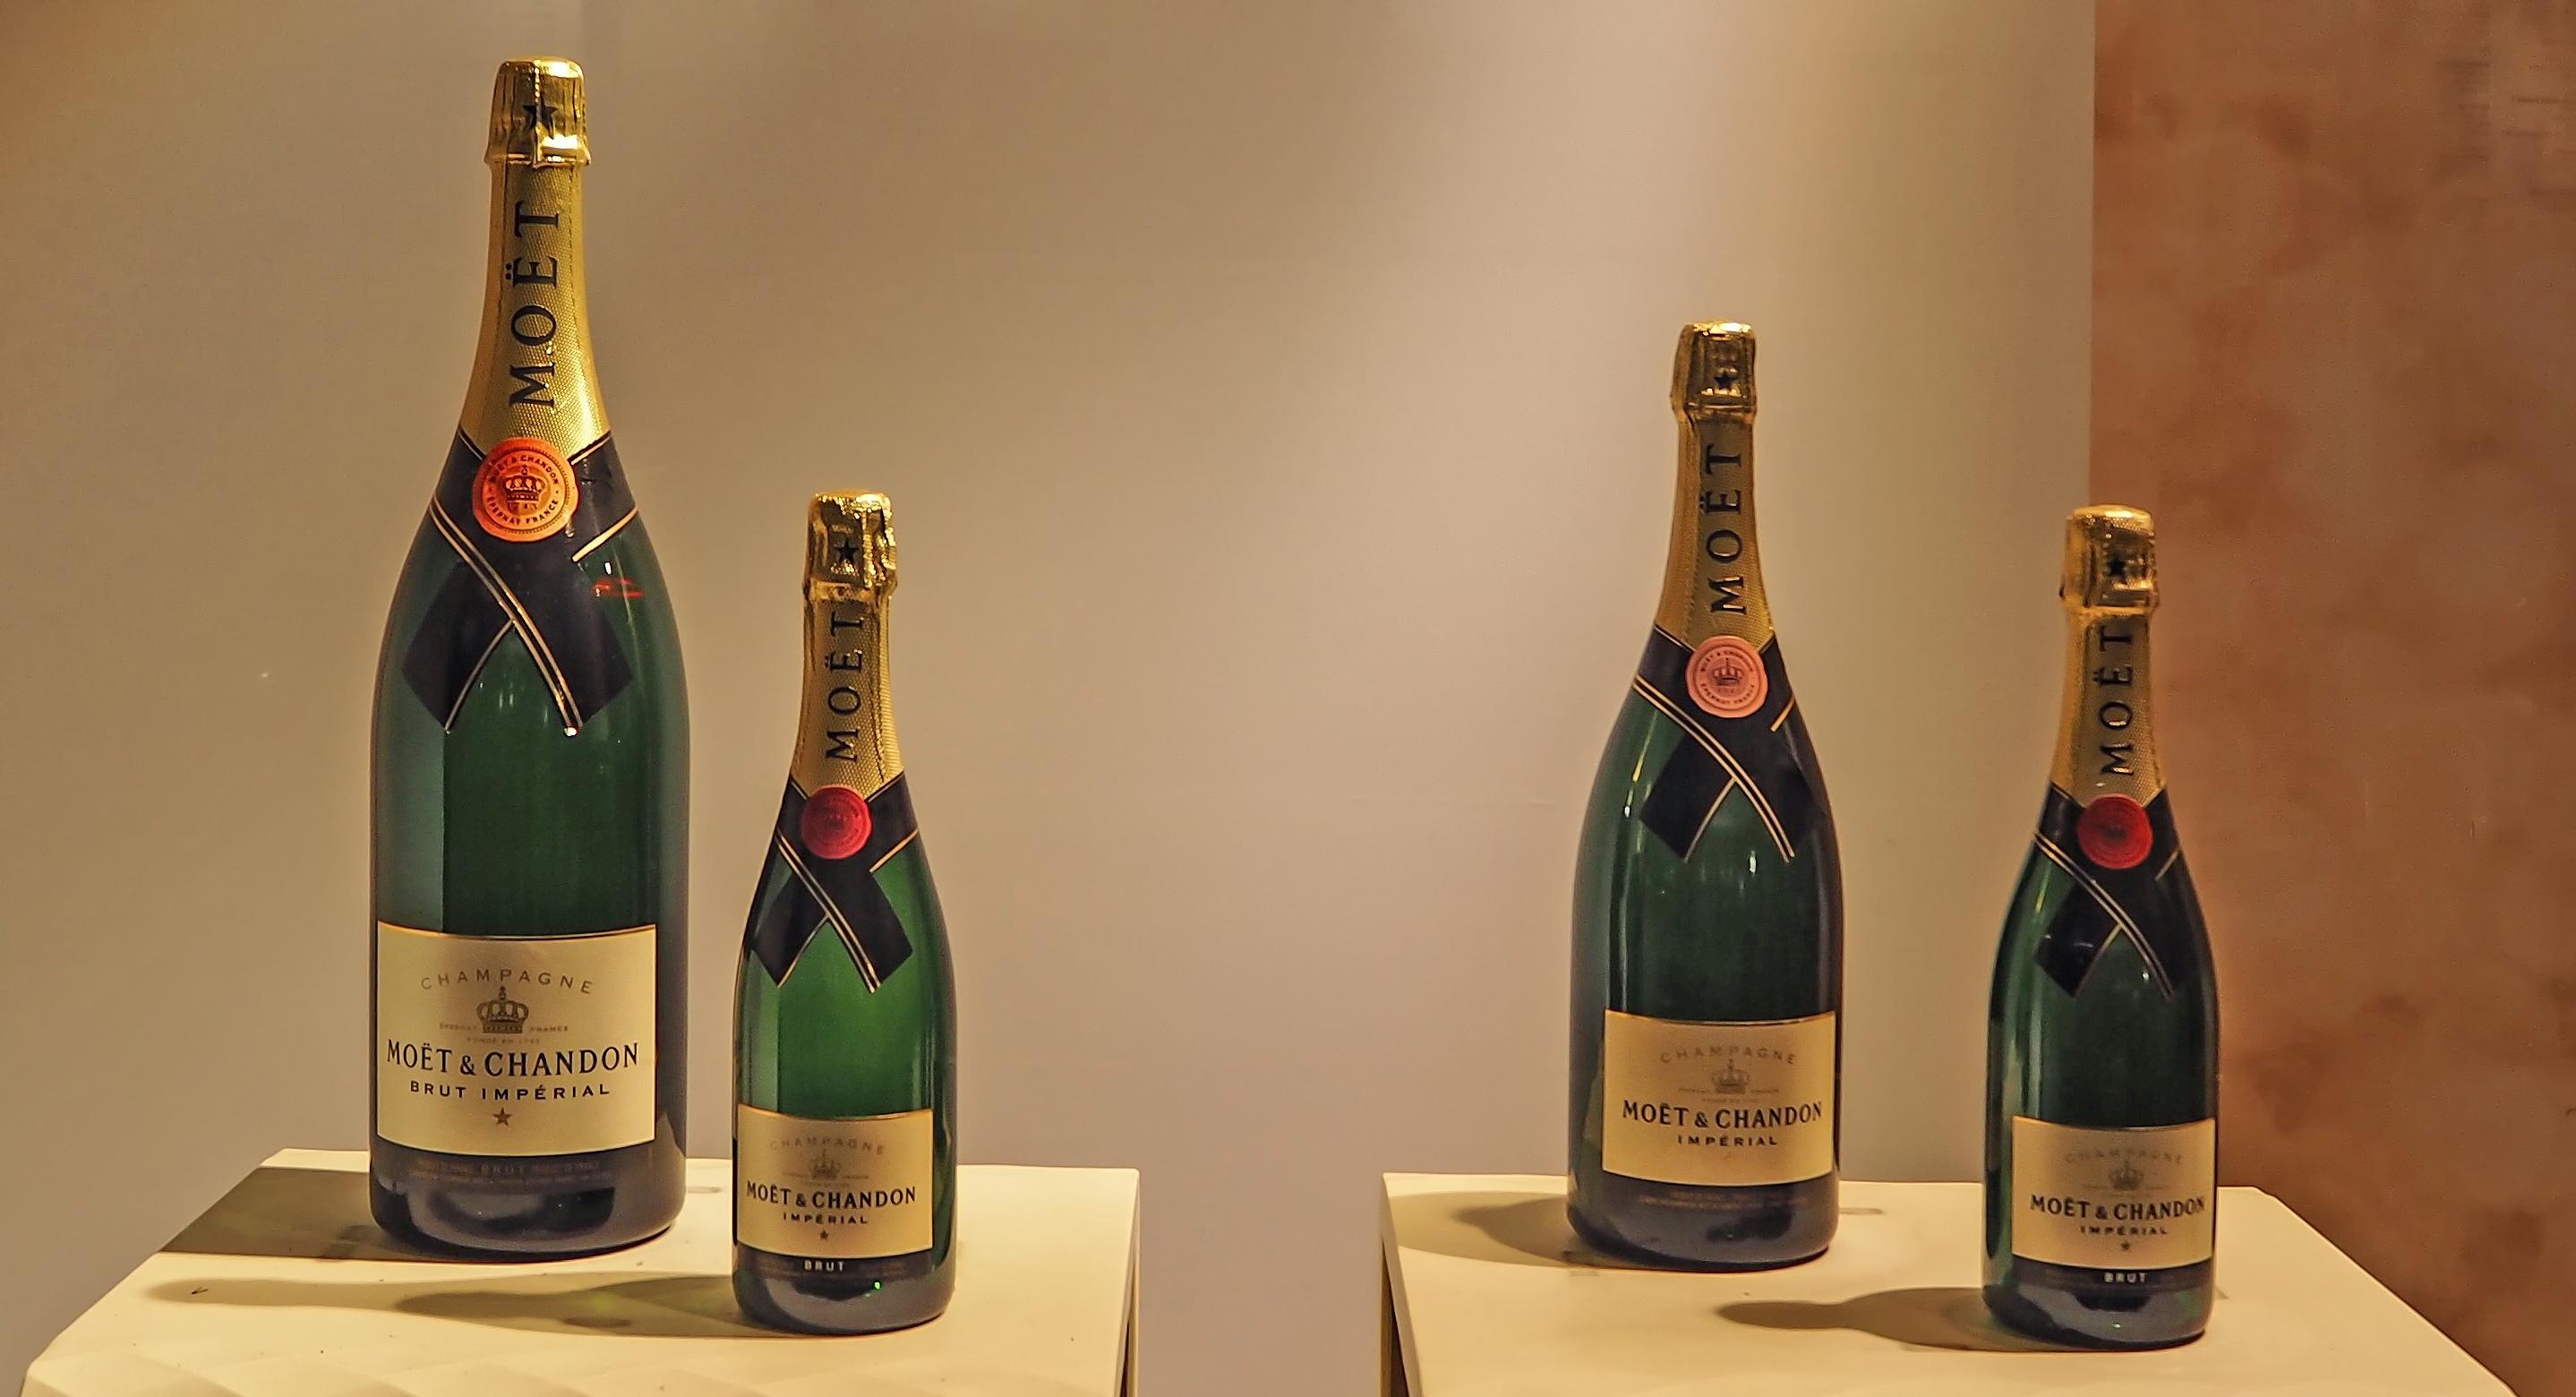 Fotoğraf Fransa Içki şişe şarap şişesi Lüks şişeler şampanya